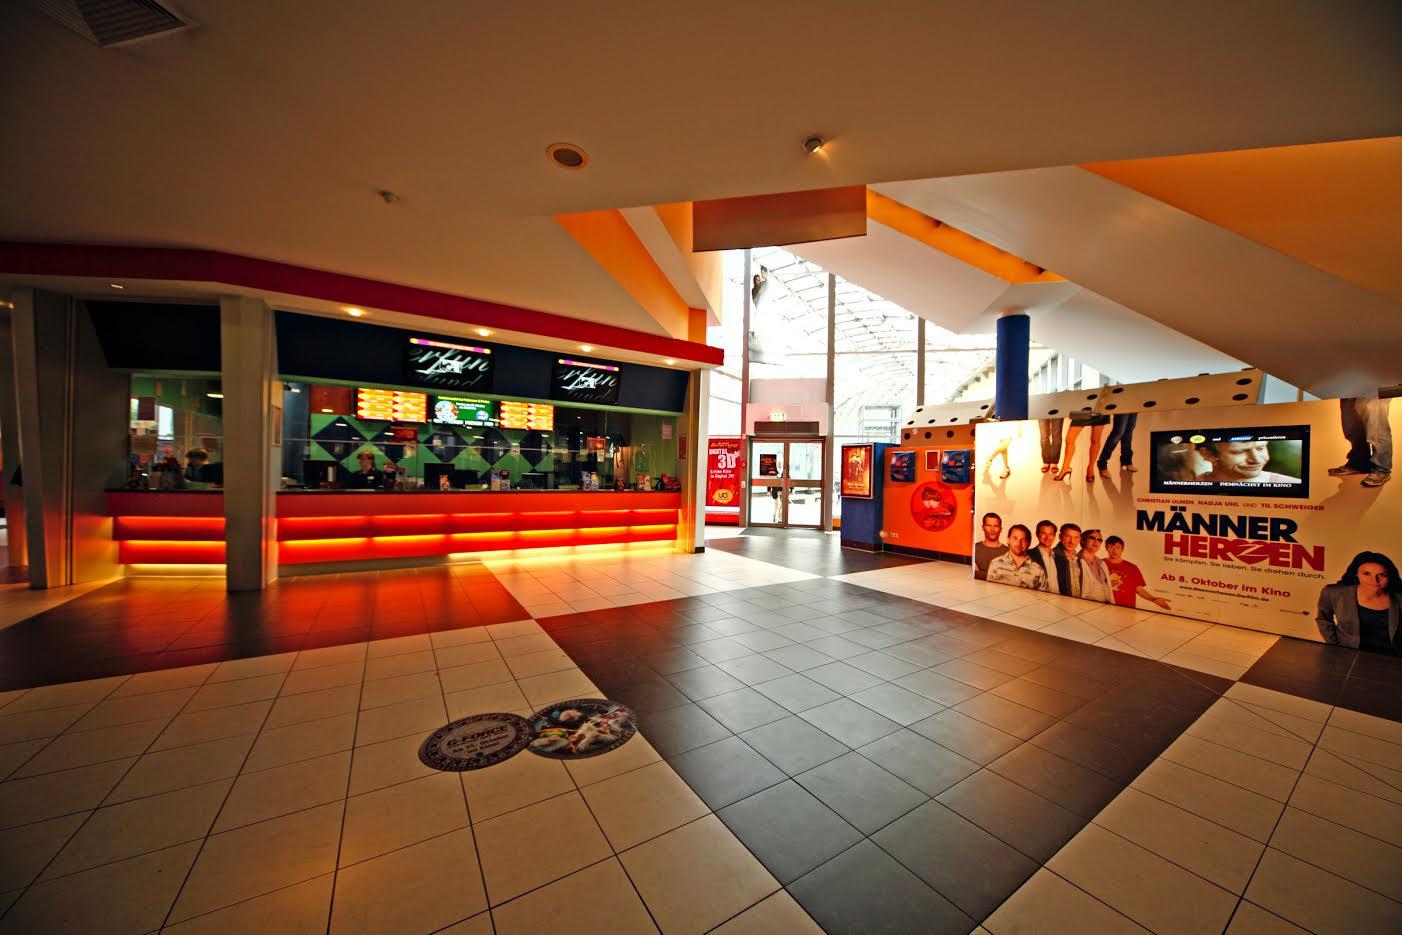 Uci Kinowelt Bochum Bochum